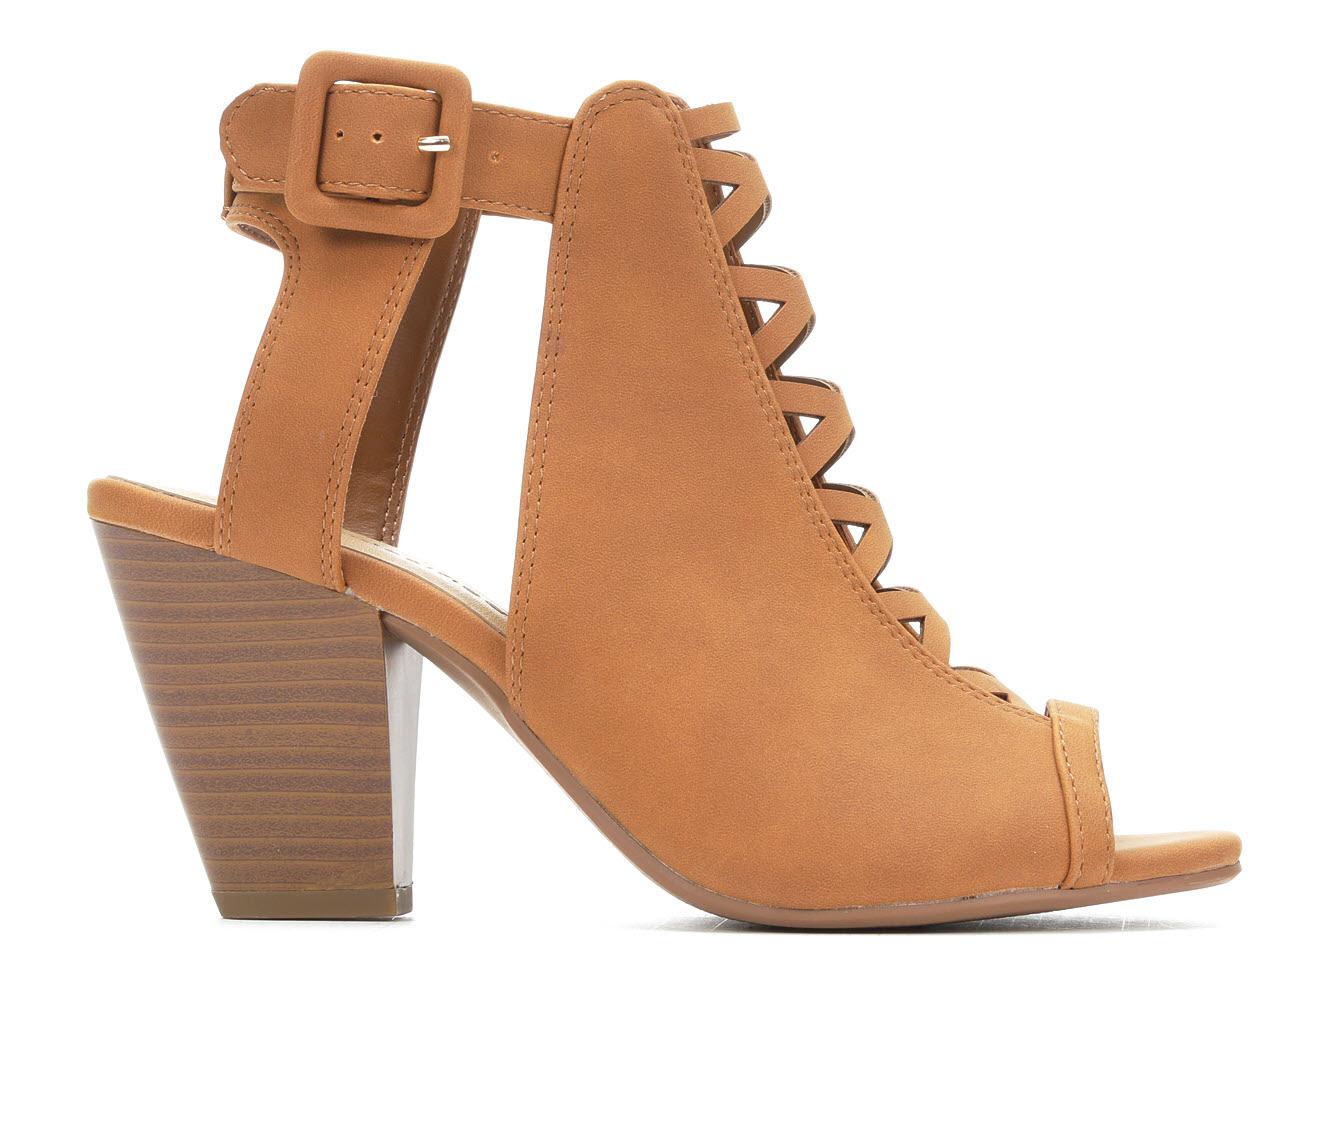 City Classified Taking Women's Dress Shoe (Beige Faux Leather)